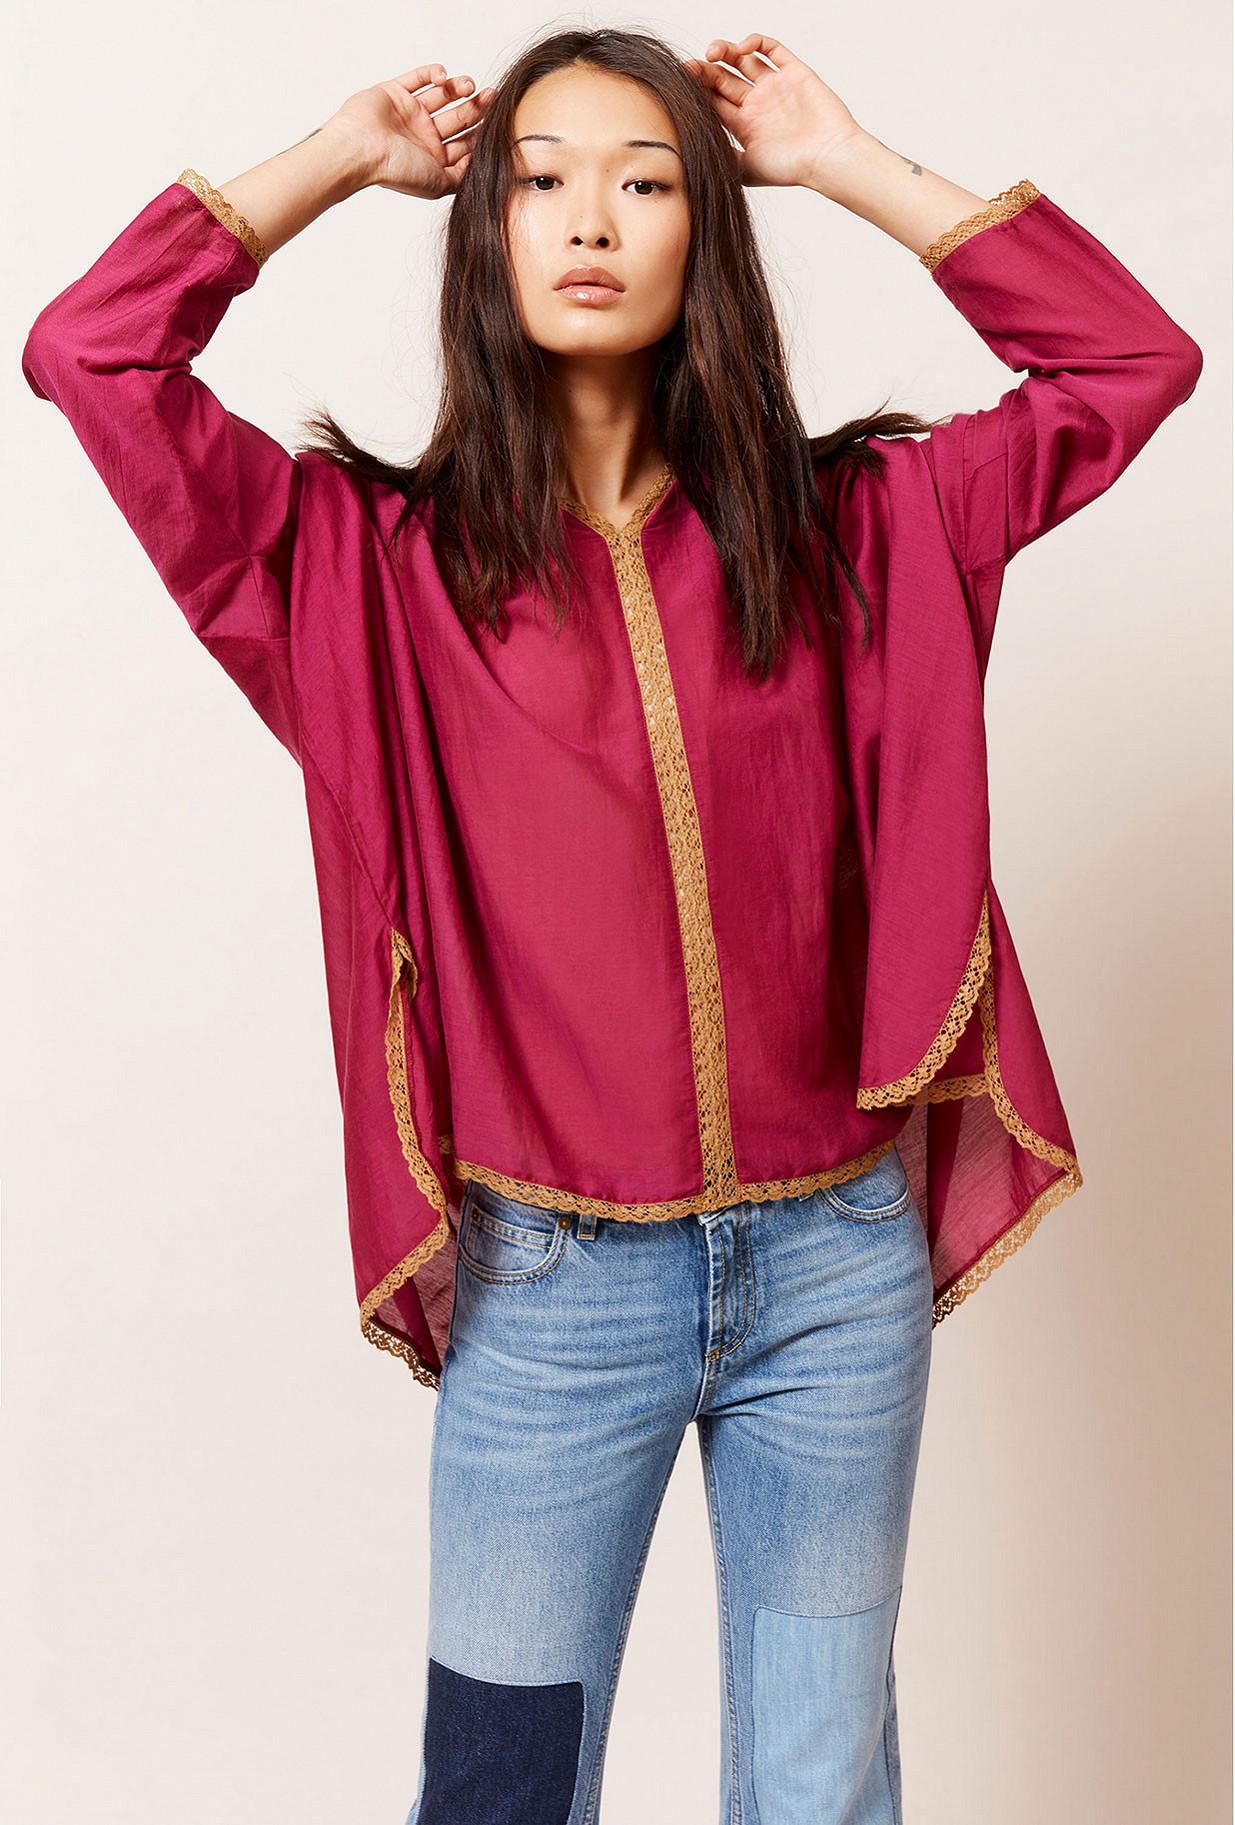 Paris clothes store Blouse  Gretta french designer fashion Paris